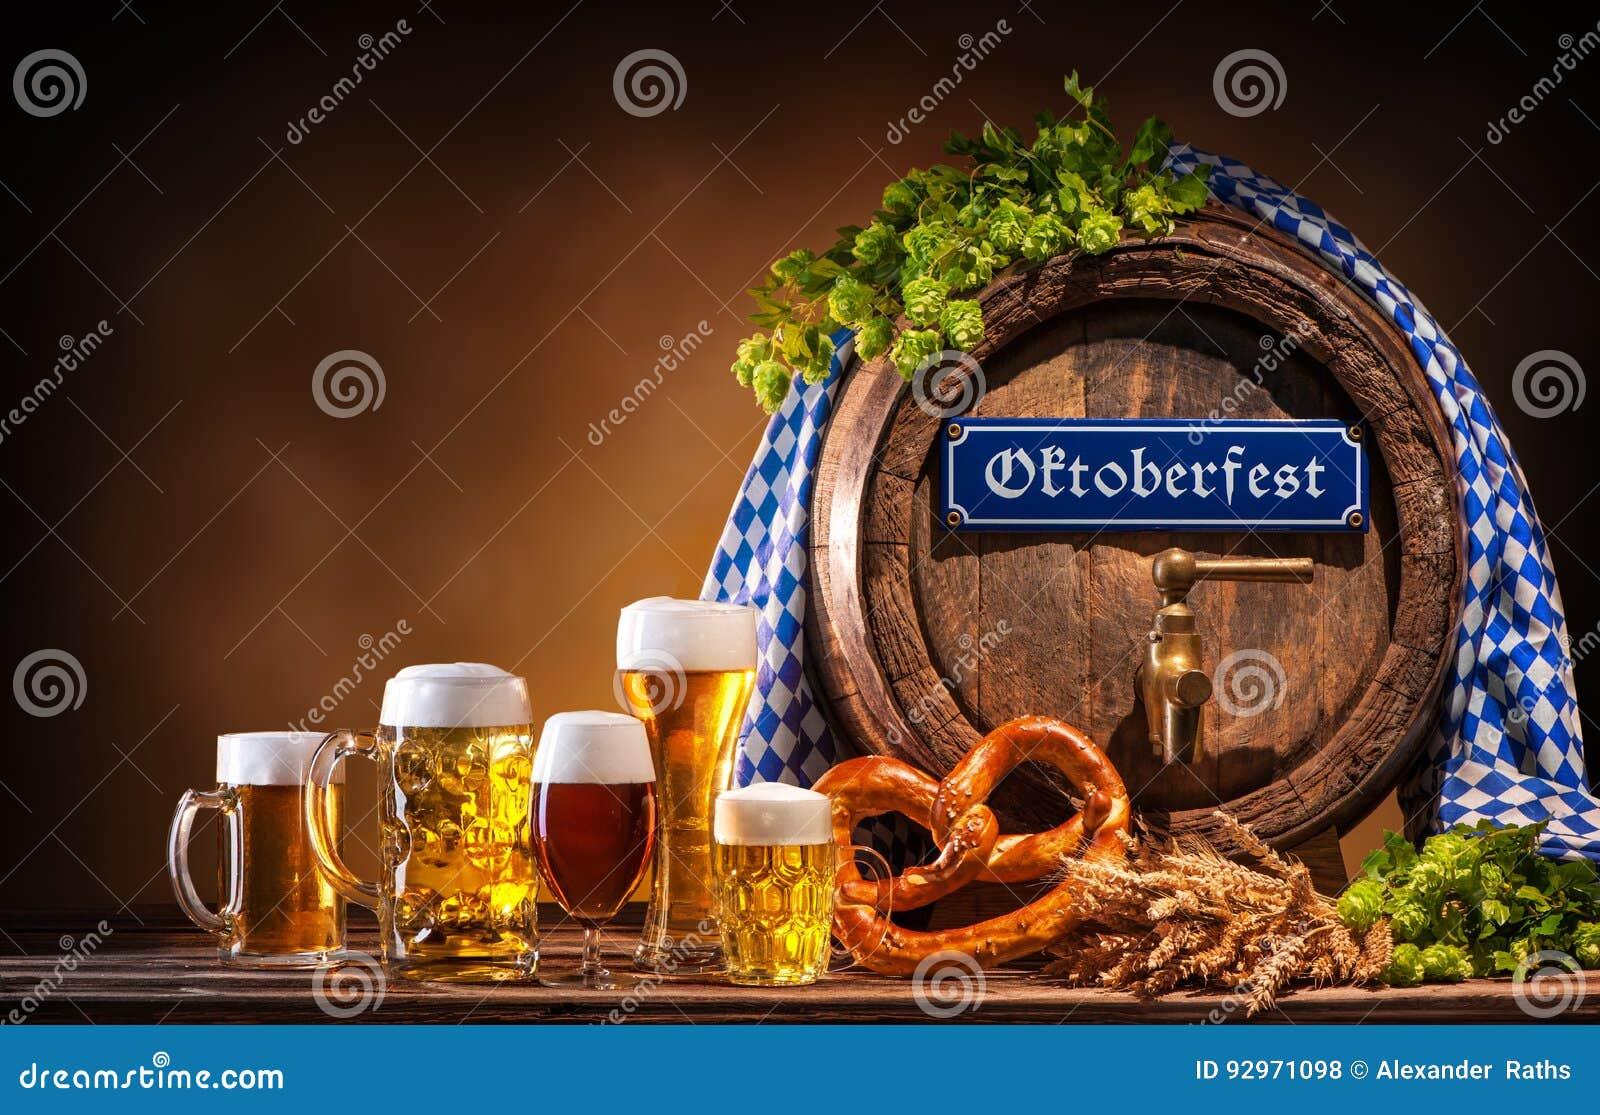 Van het Oktoberfestbiervat en bier glazen